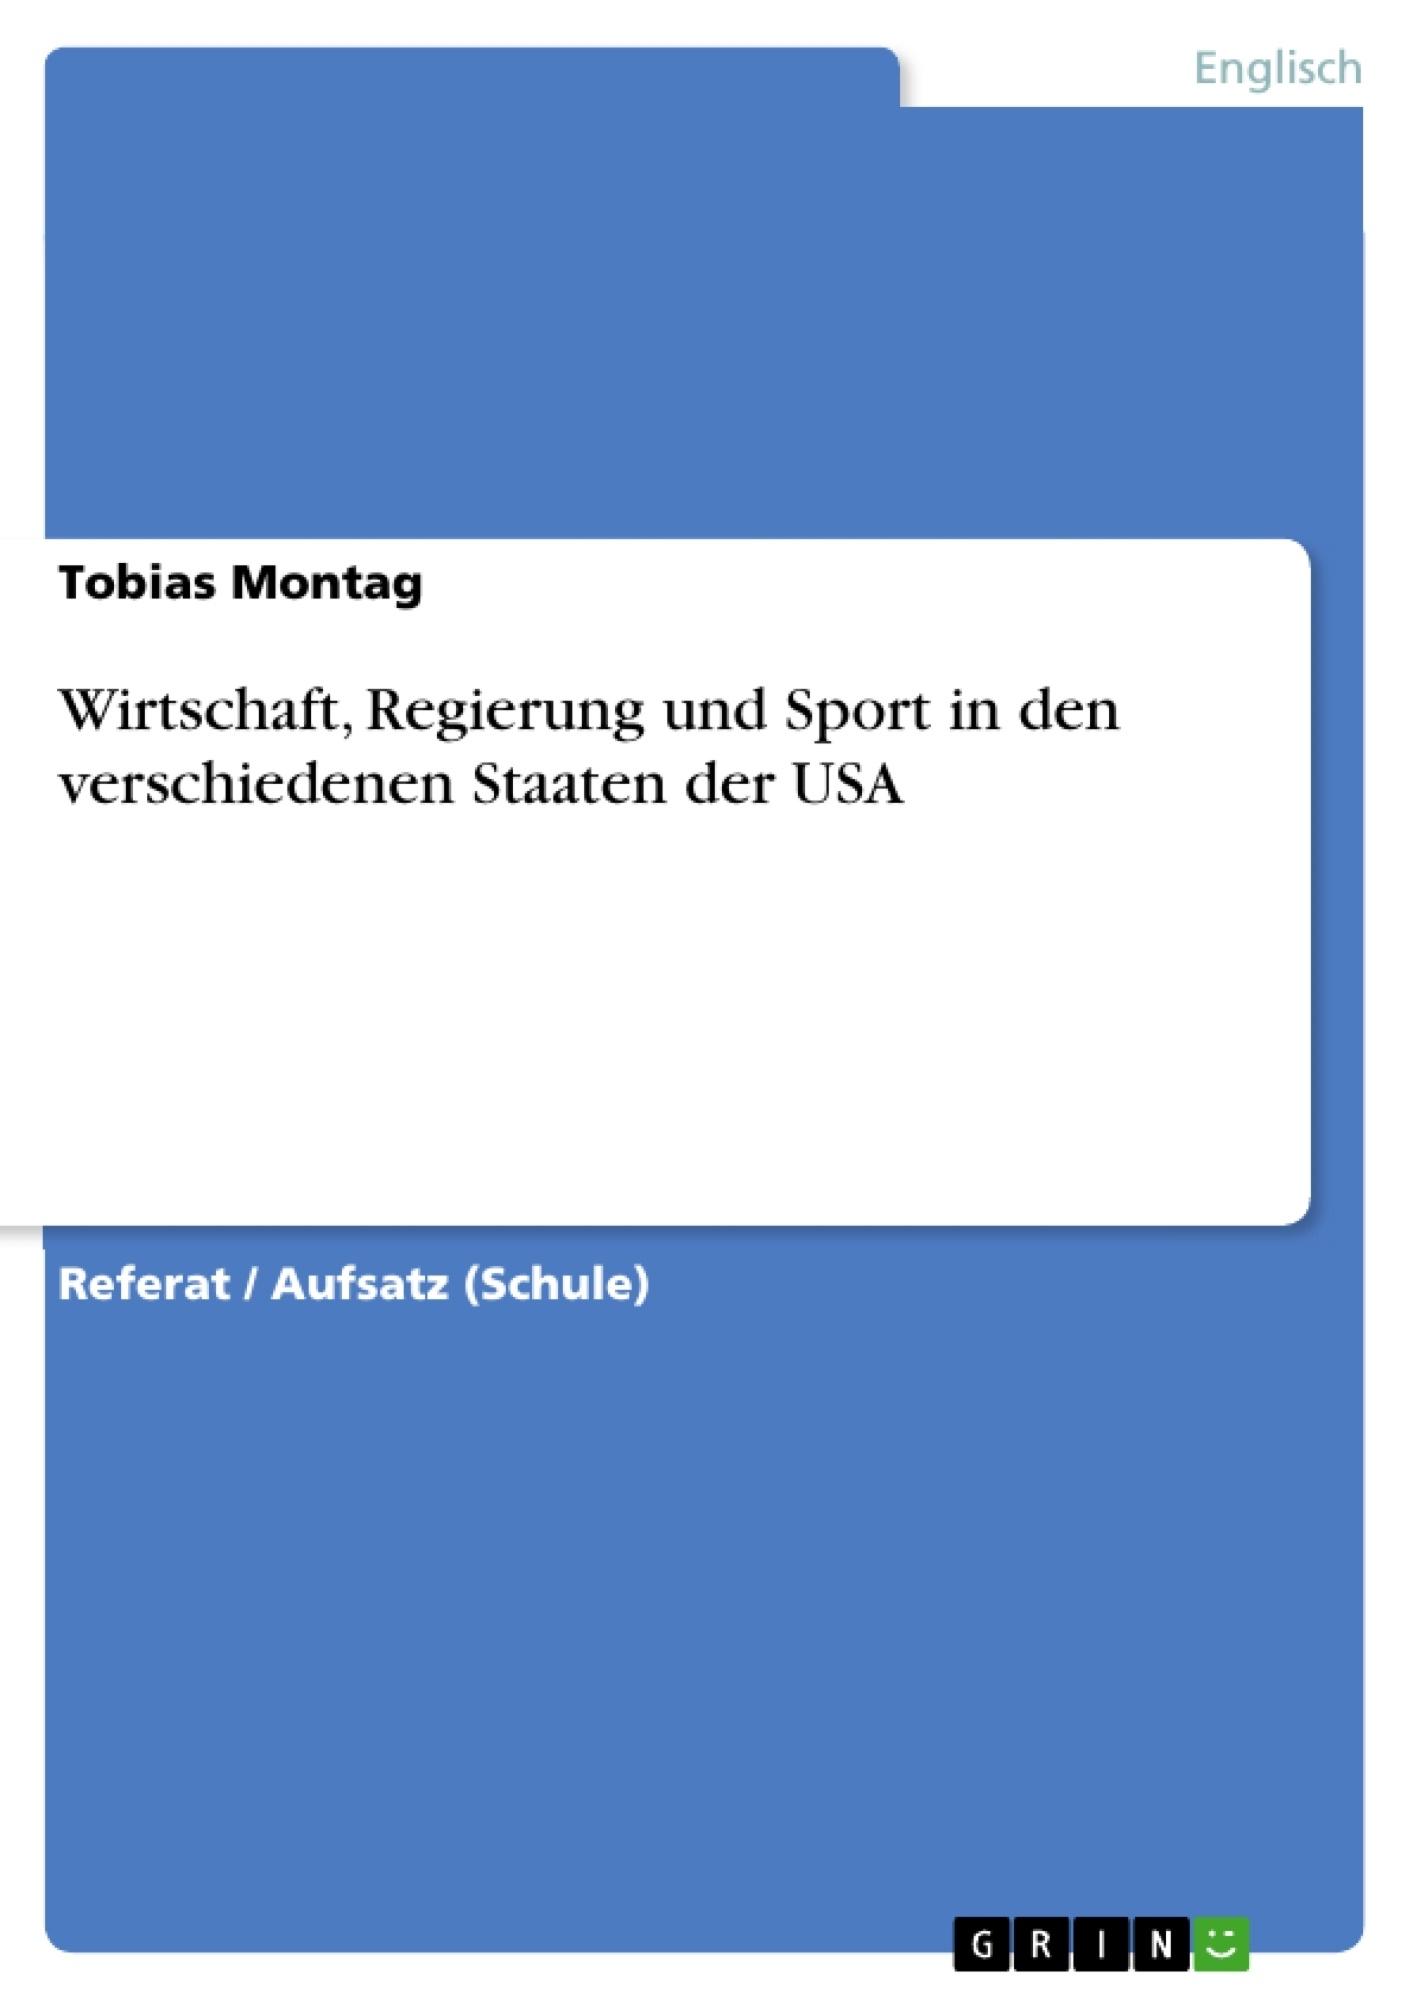 Titel: Wirtschaft, Regierung und Sport in den verschiedenen Staaten der USA